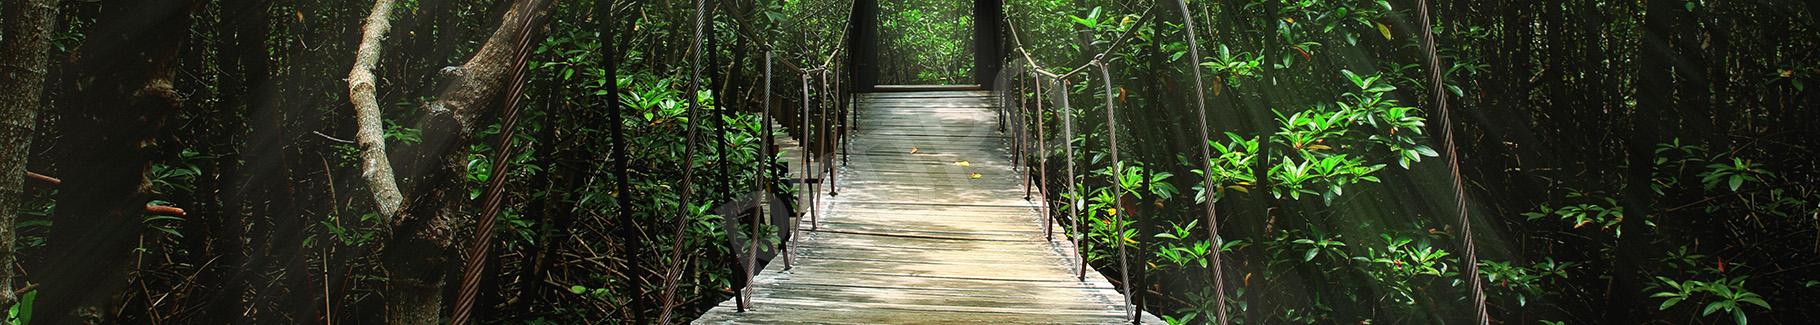 Obraz most linowy w lesie